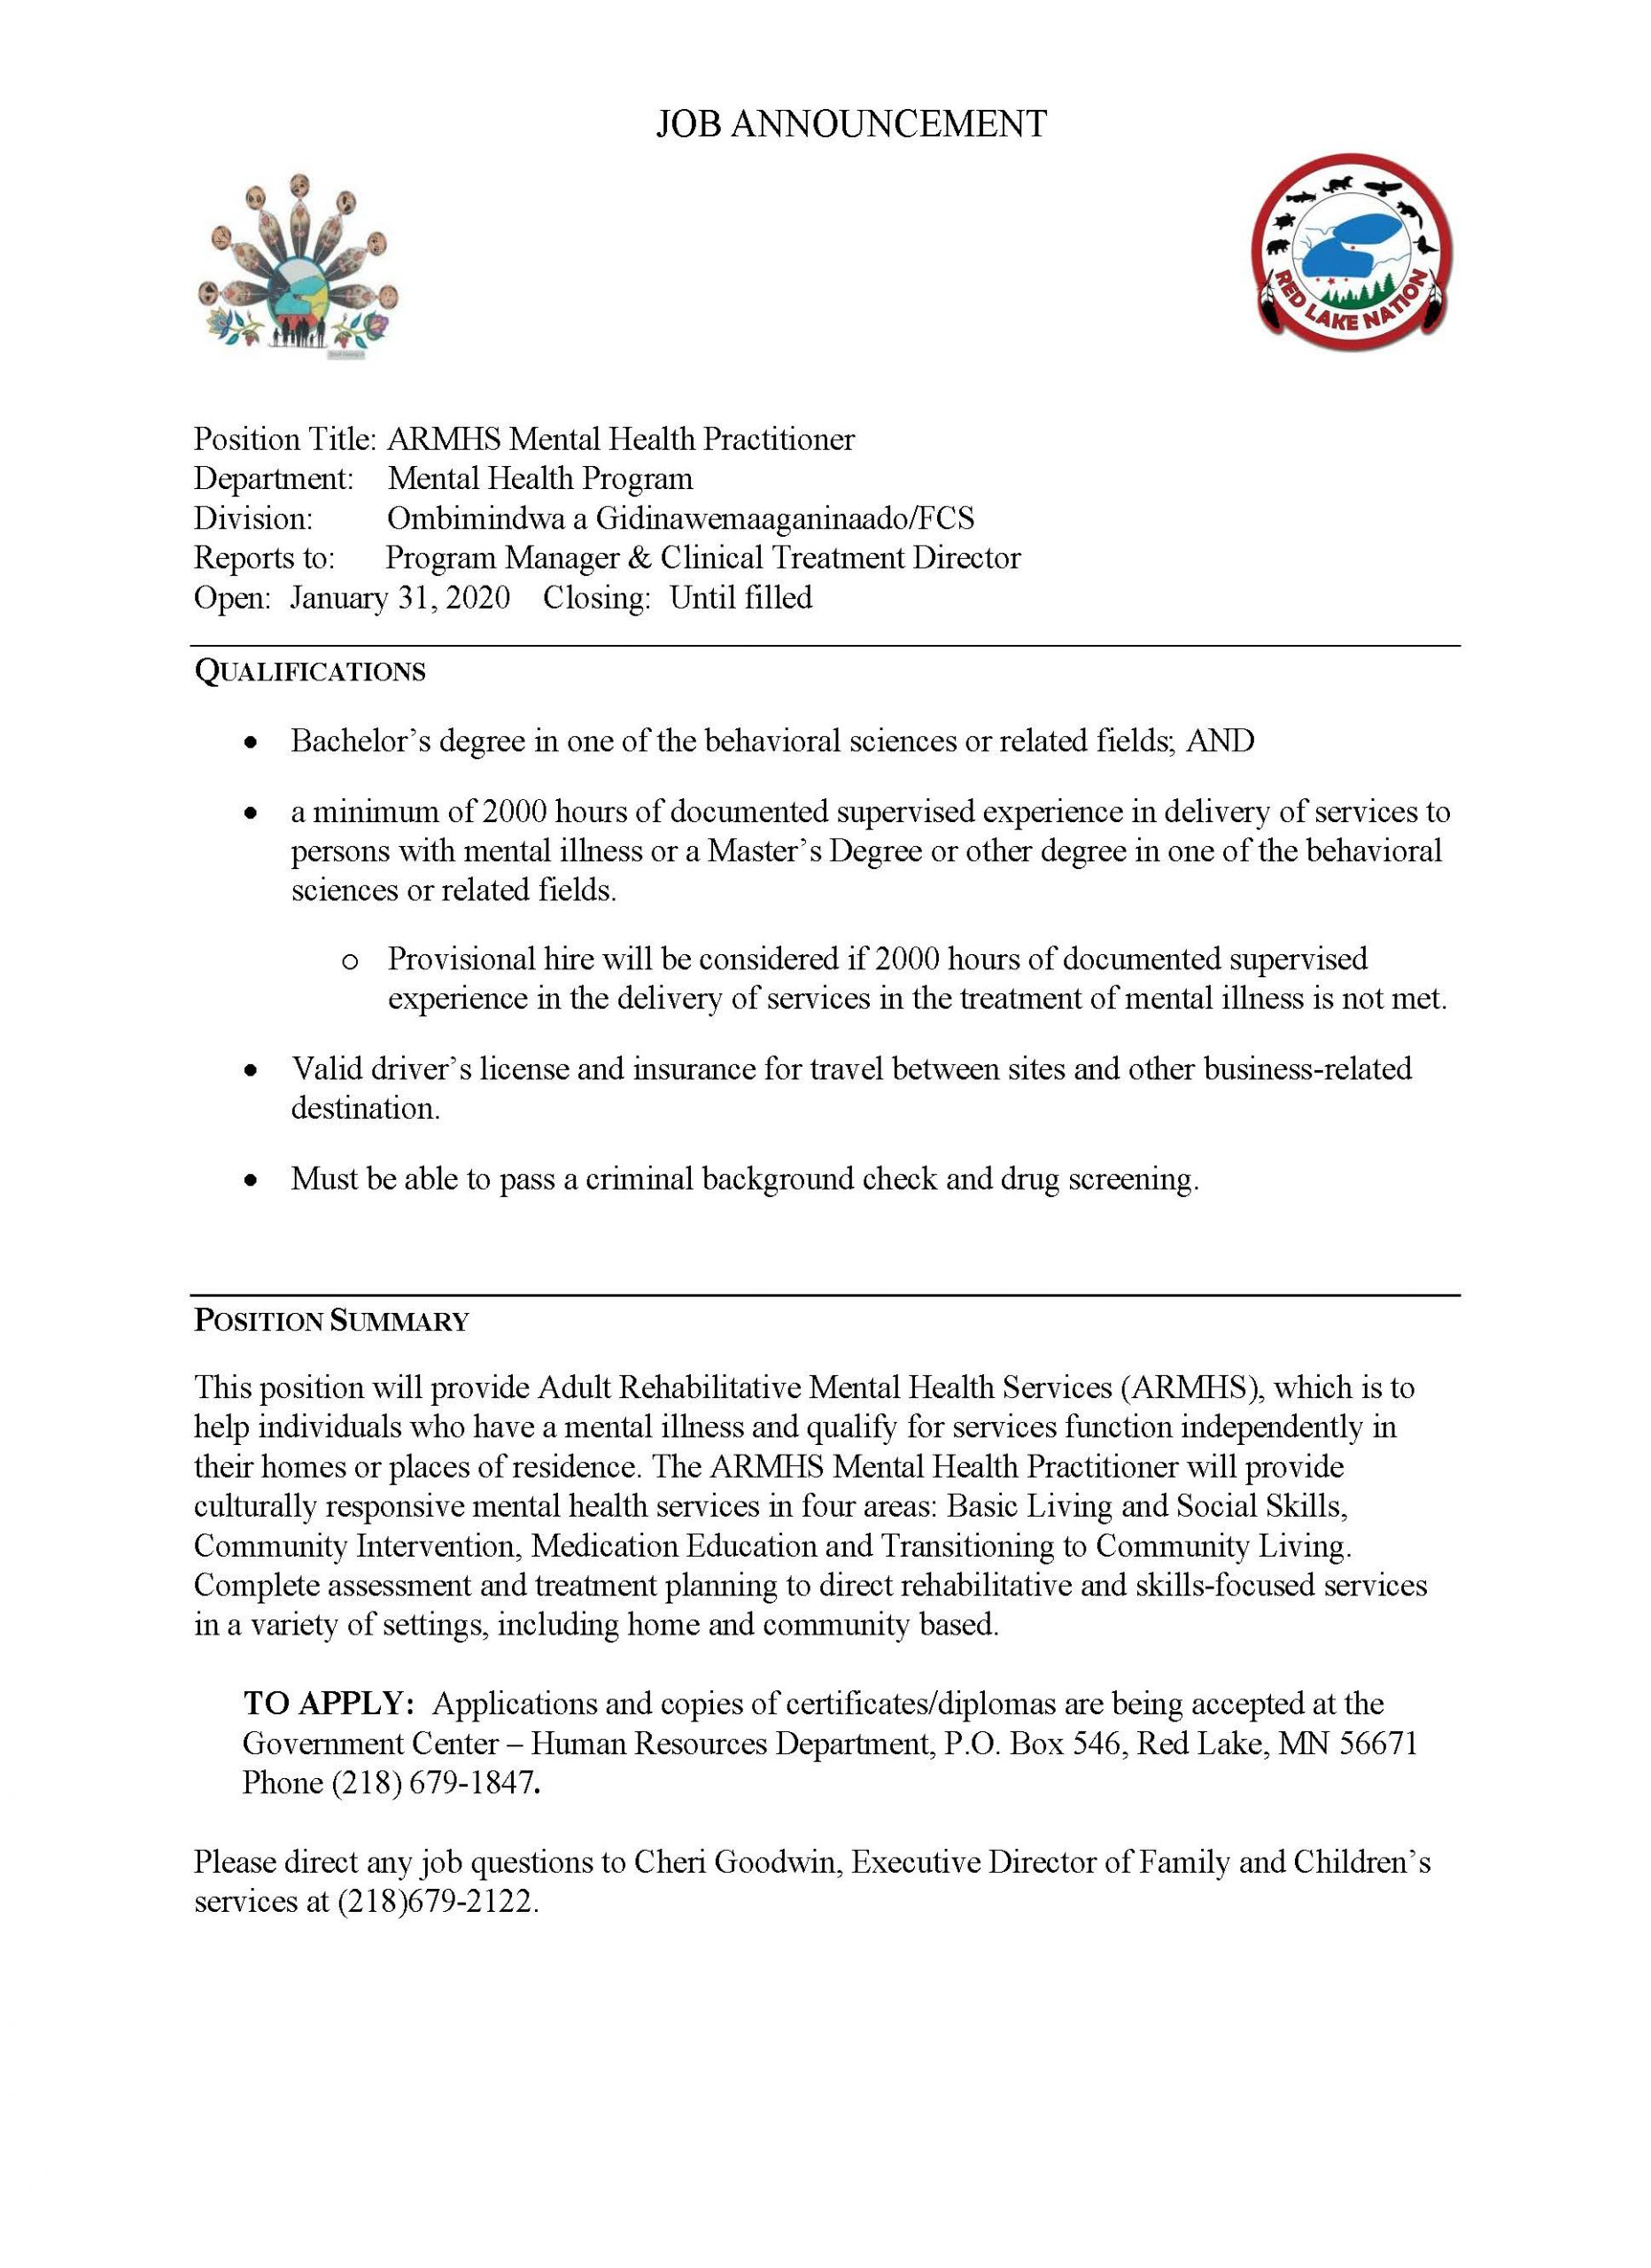 ARMHS Mental Health Practitioner-FCS- Job Posting 1-30-2020